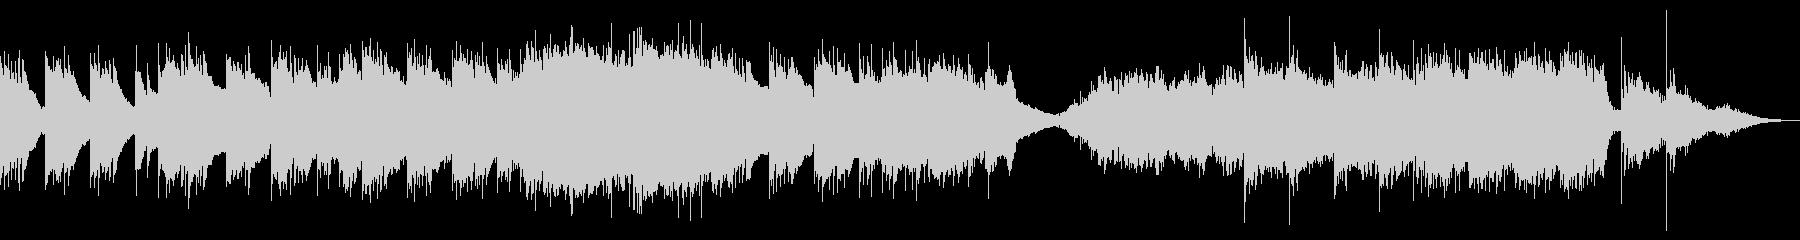 ノスタルジックなピアノ曲の未再生の波形